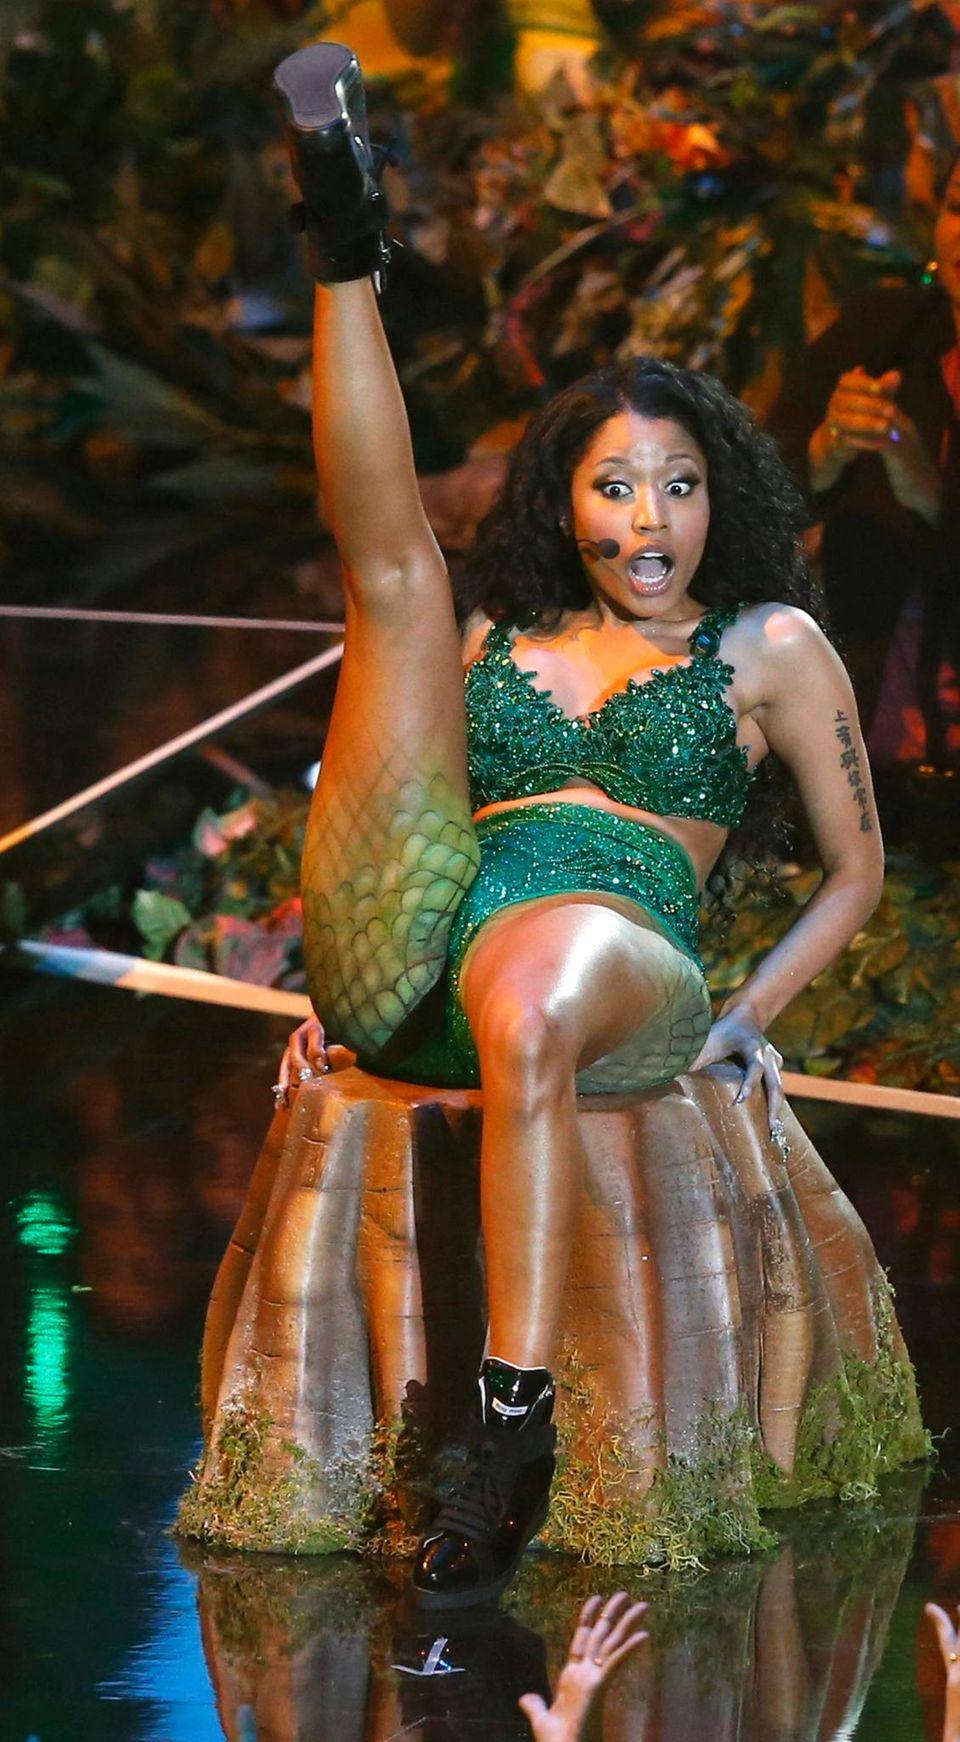 """Nicki Minaj performt den Song """"Anaconda"""". Bei den Proben gab es einen Vorfall: Die Würgeschlange, die in den Auftritt integriert ist, griff eine Tänzerin an, die nun im Krankenhaus liegt."""